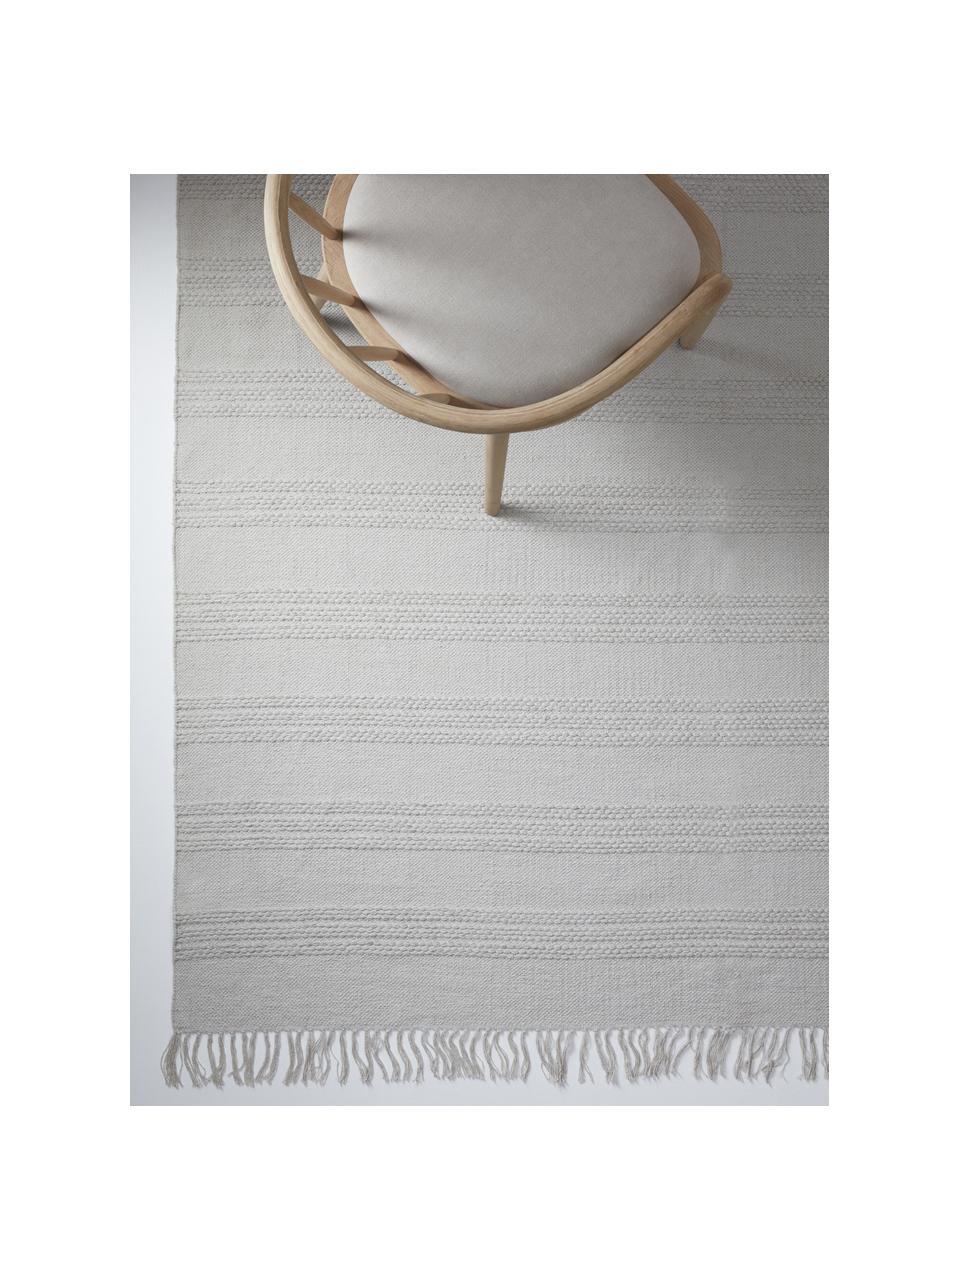 Tapis plat en coton gris à franges Tanya, Gris clair